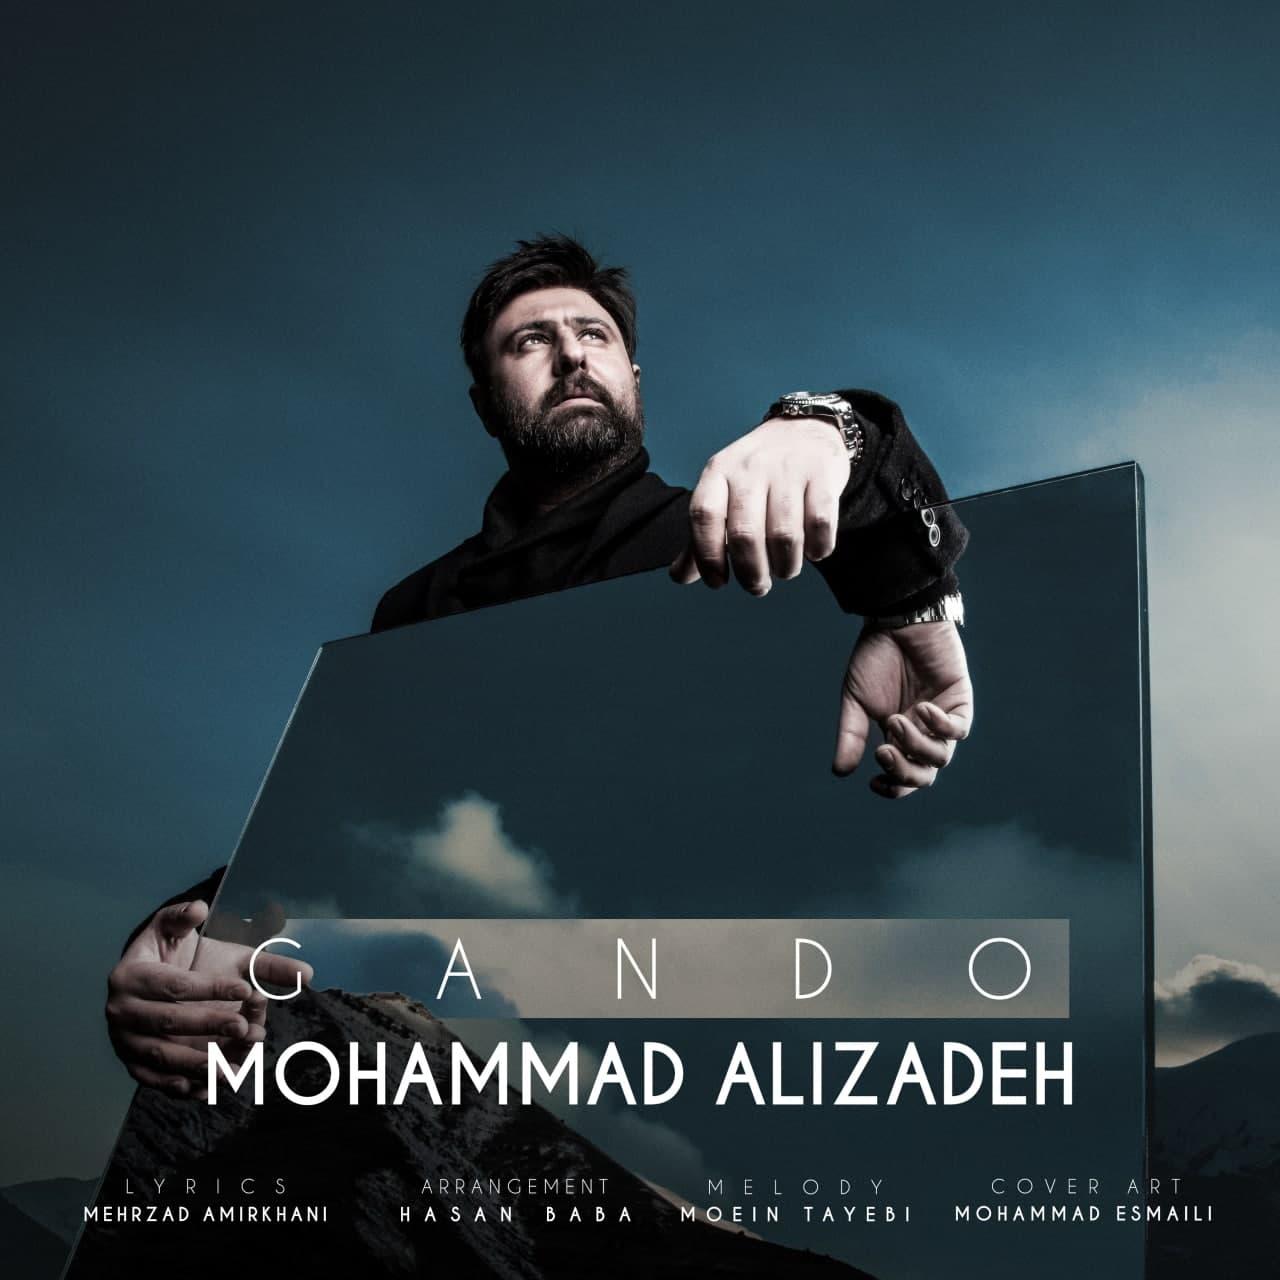 محمد علیزاده - گاندو